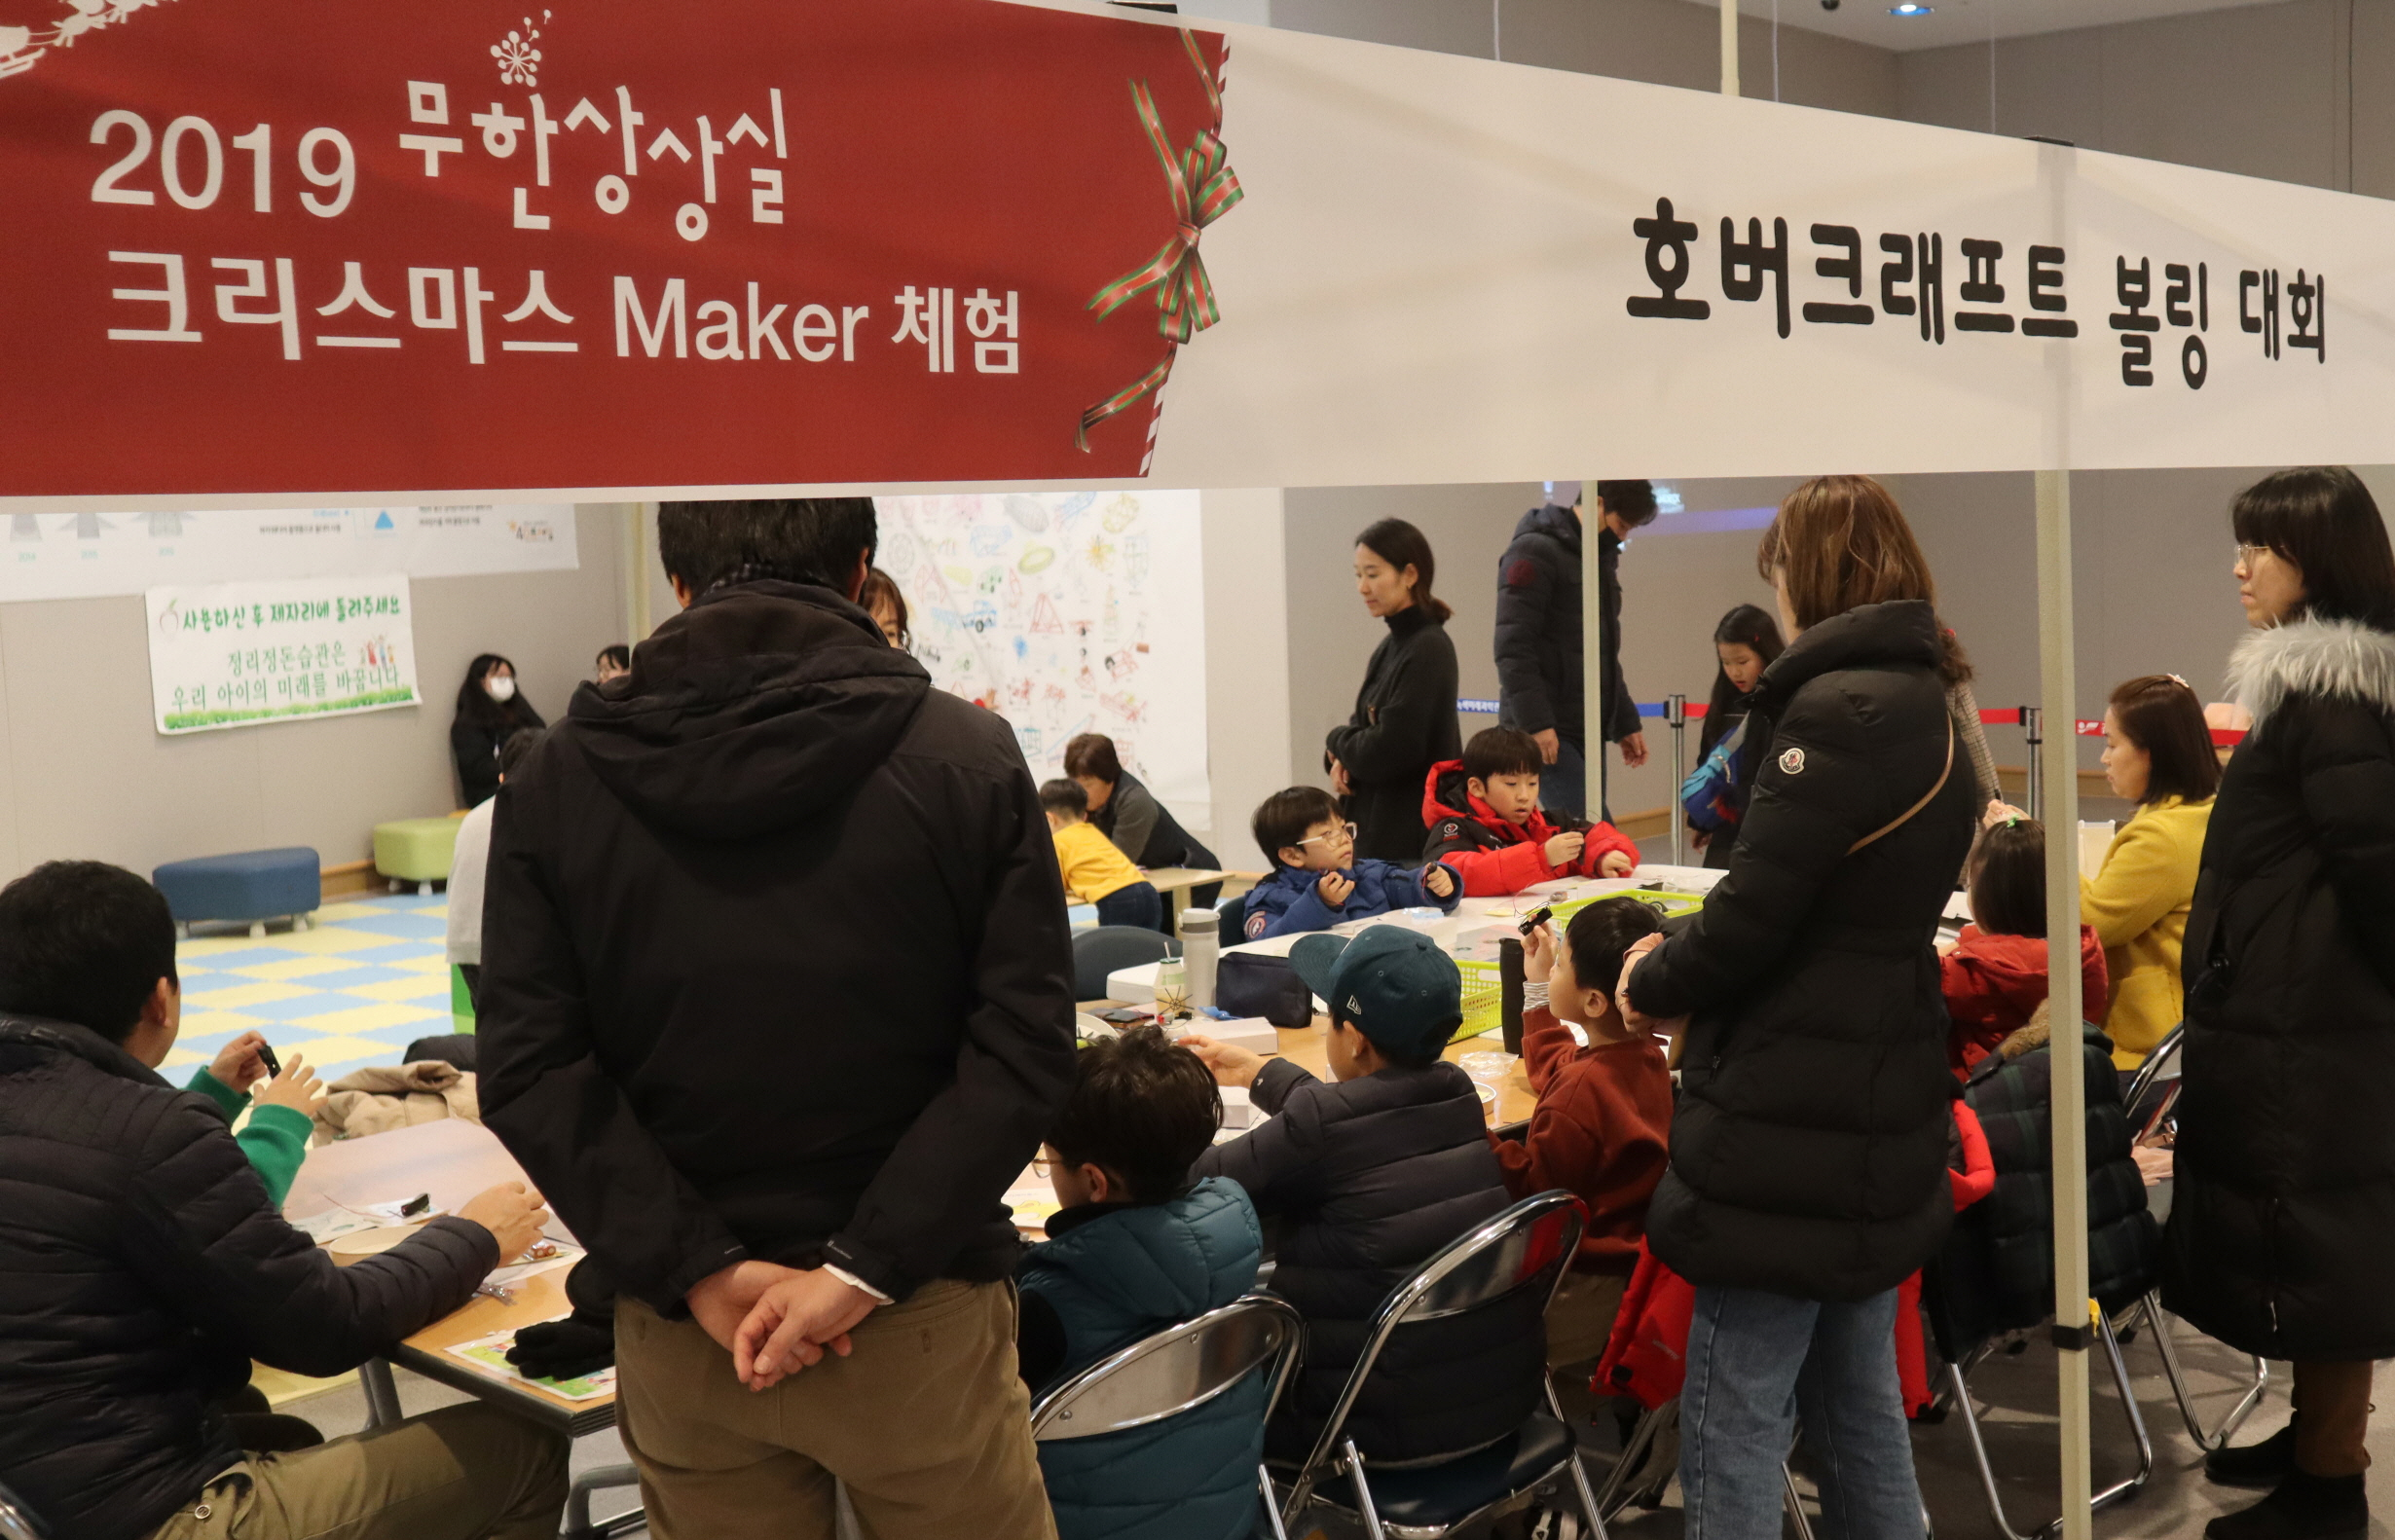 2019 무한상상실 크리스마스 Maker 체험 행사